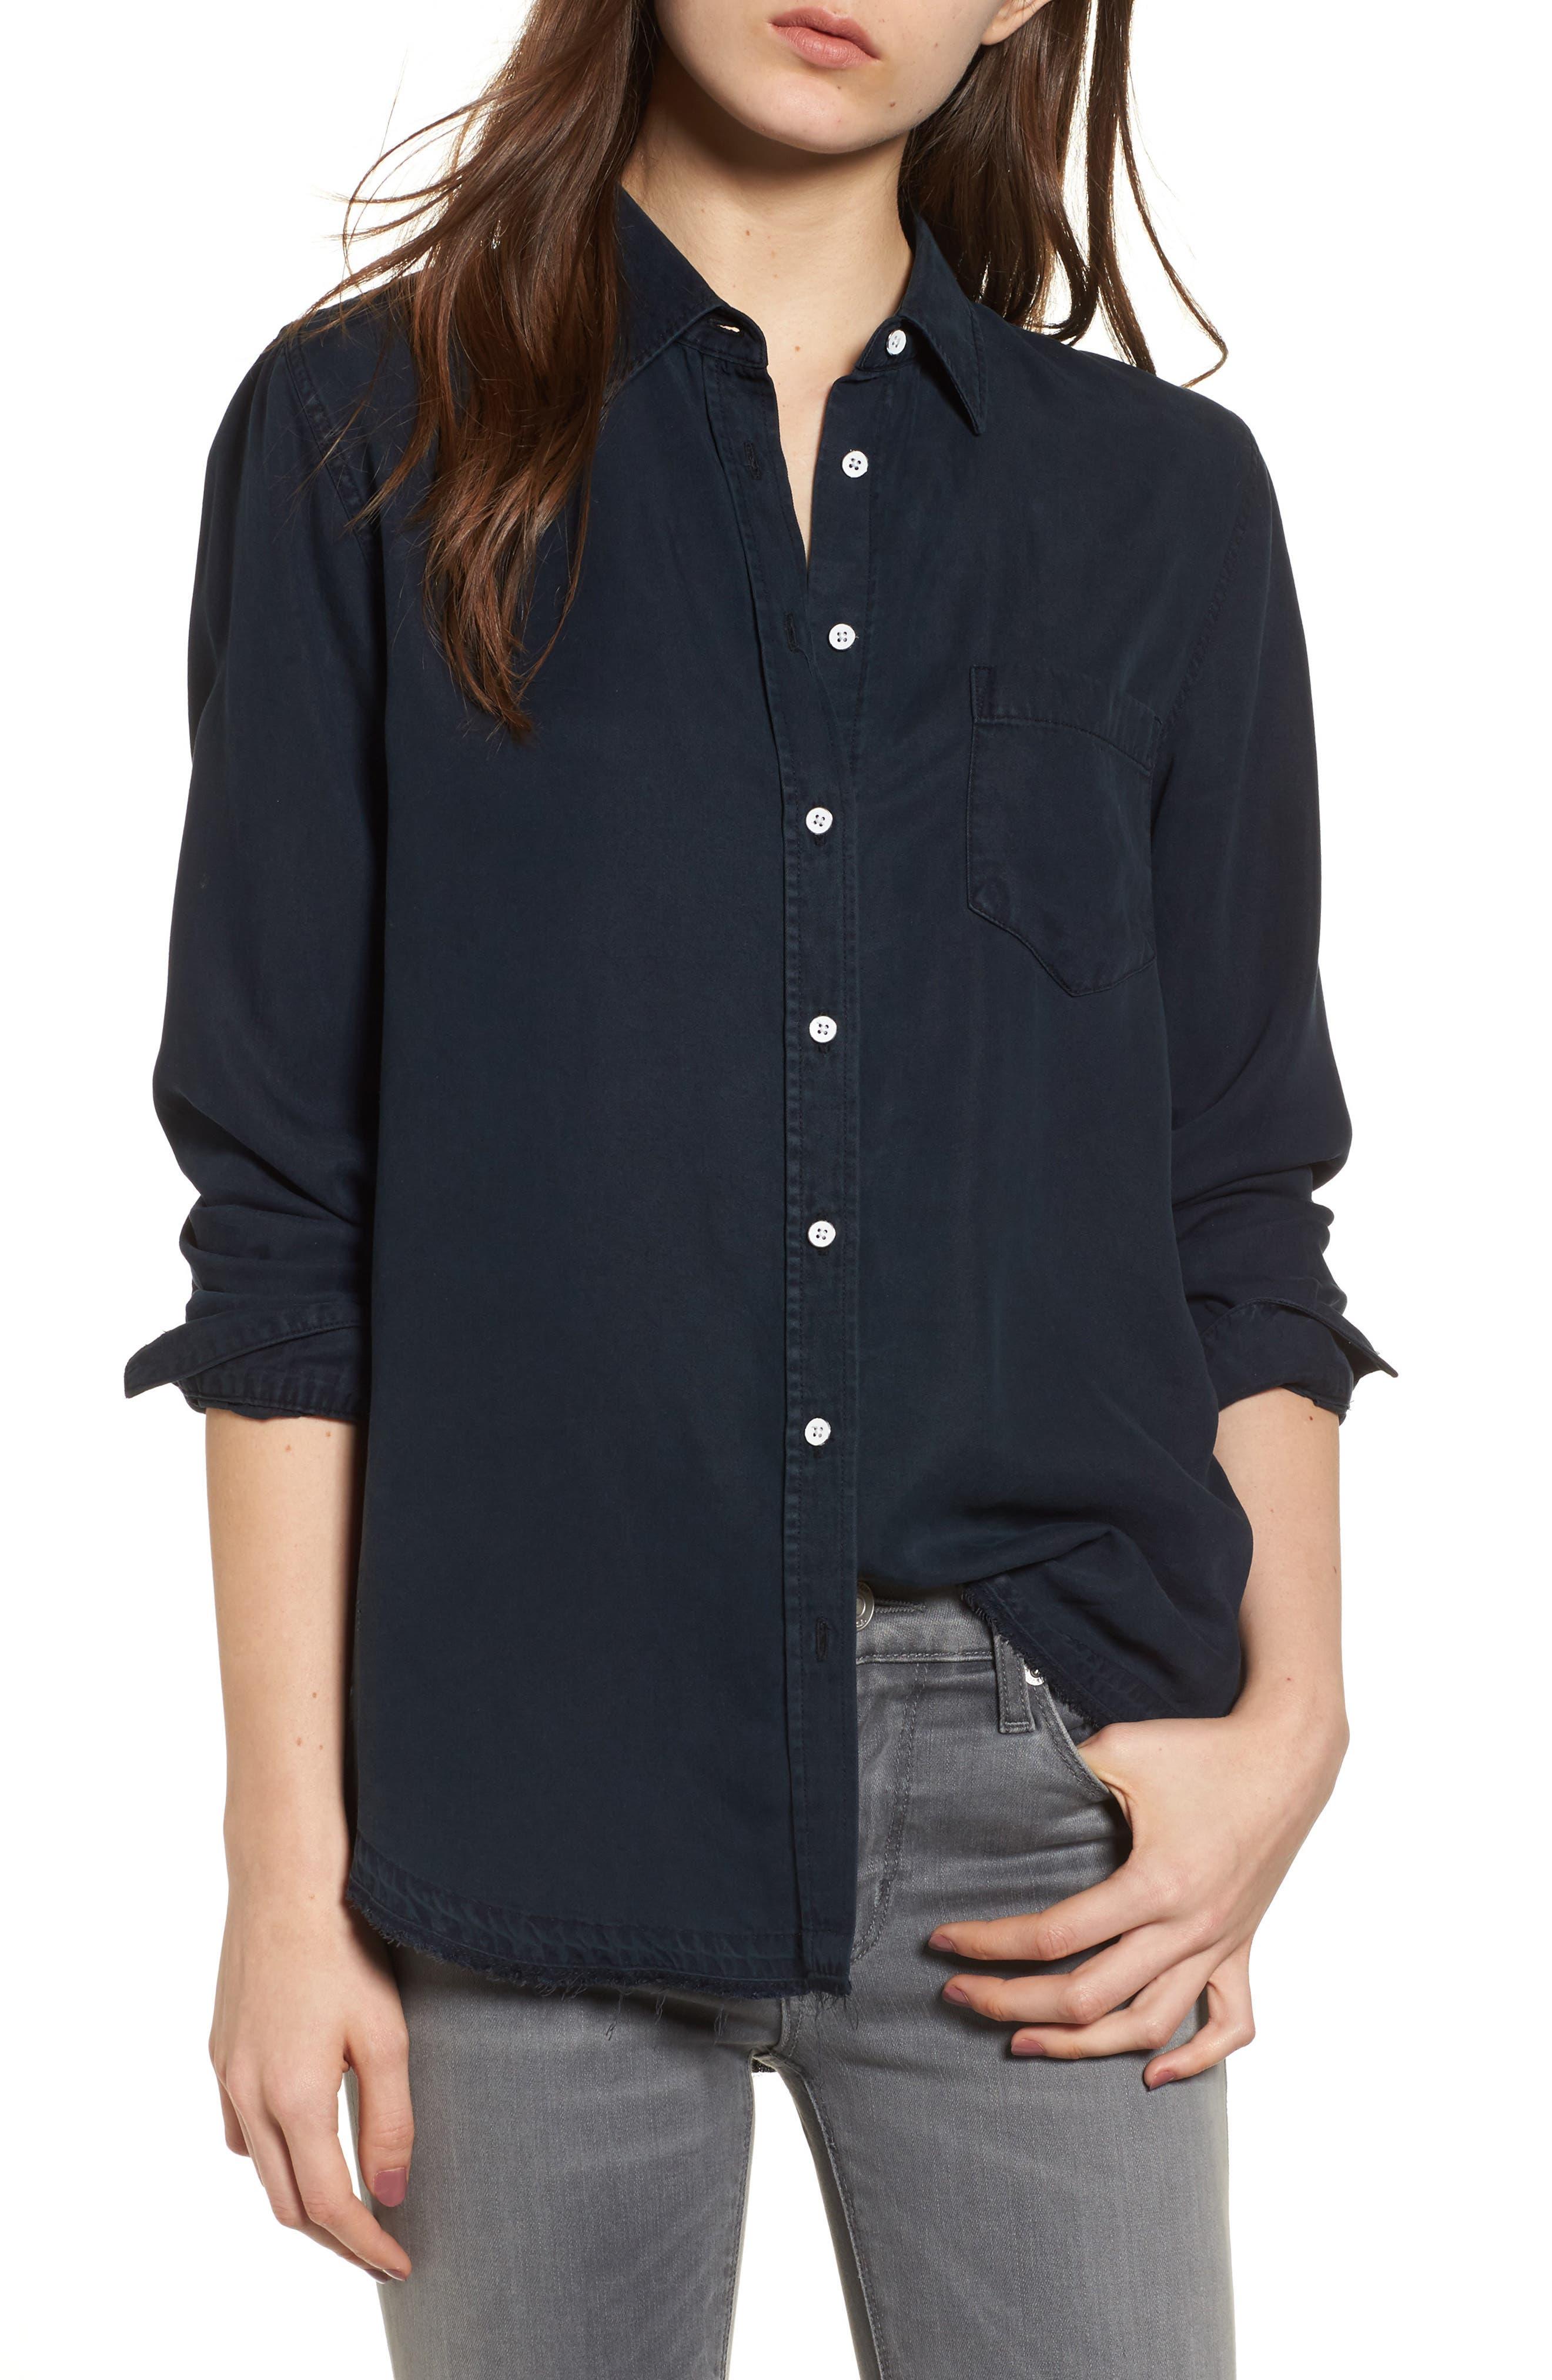 Mercer & Spring Shirt,                         Main,                         color, Washed Black Overdye